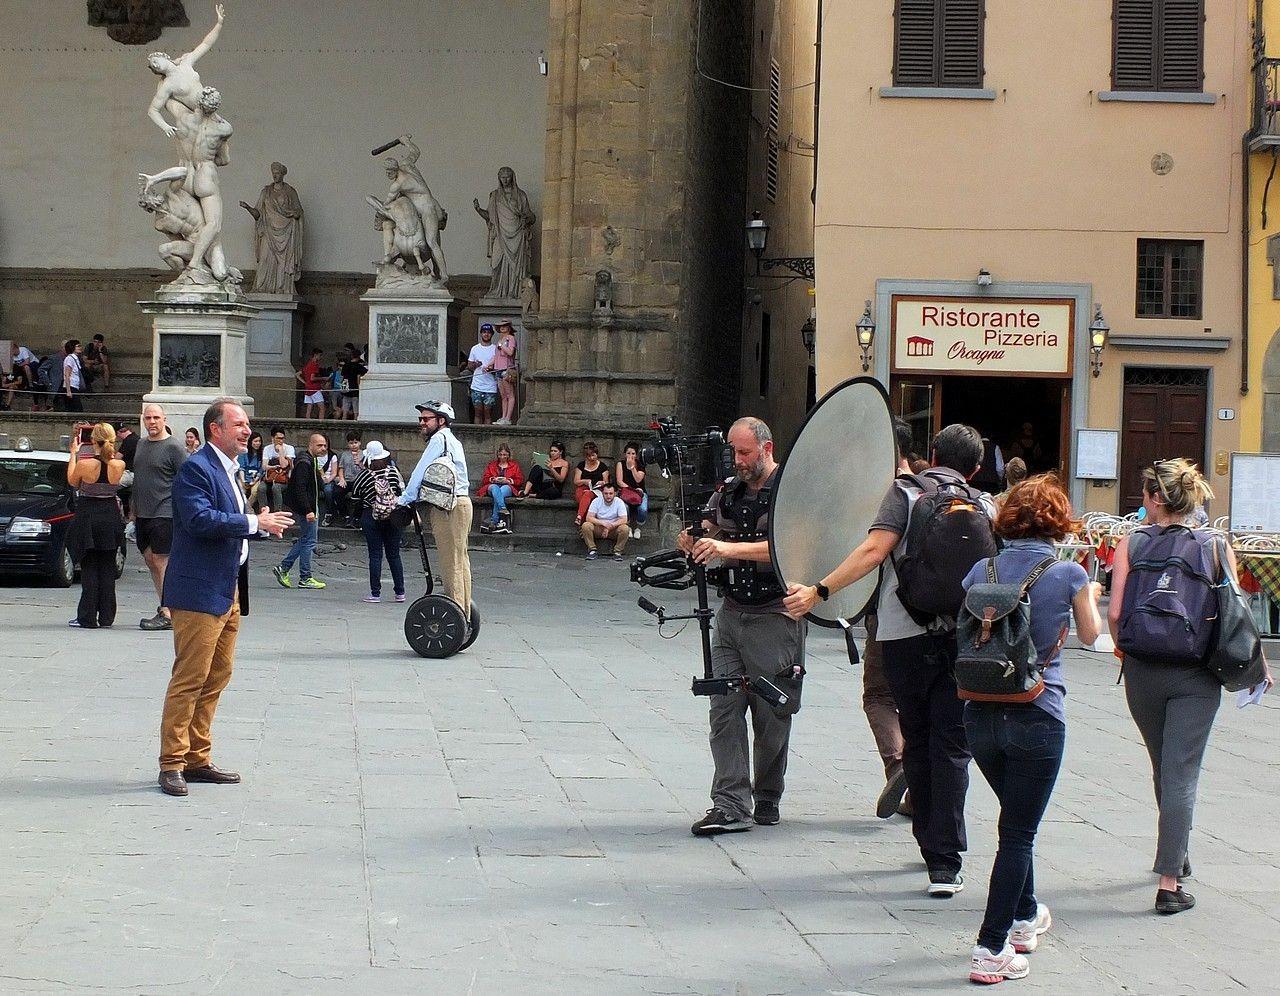 美丽的托斯卡纳城市.佛罗伦萨 2_图1-23